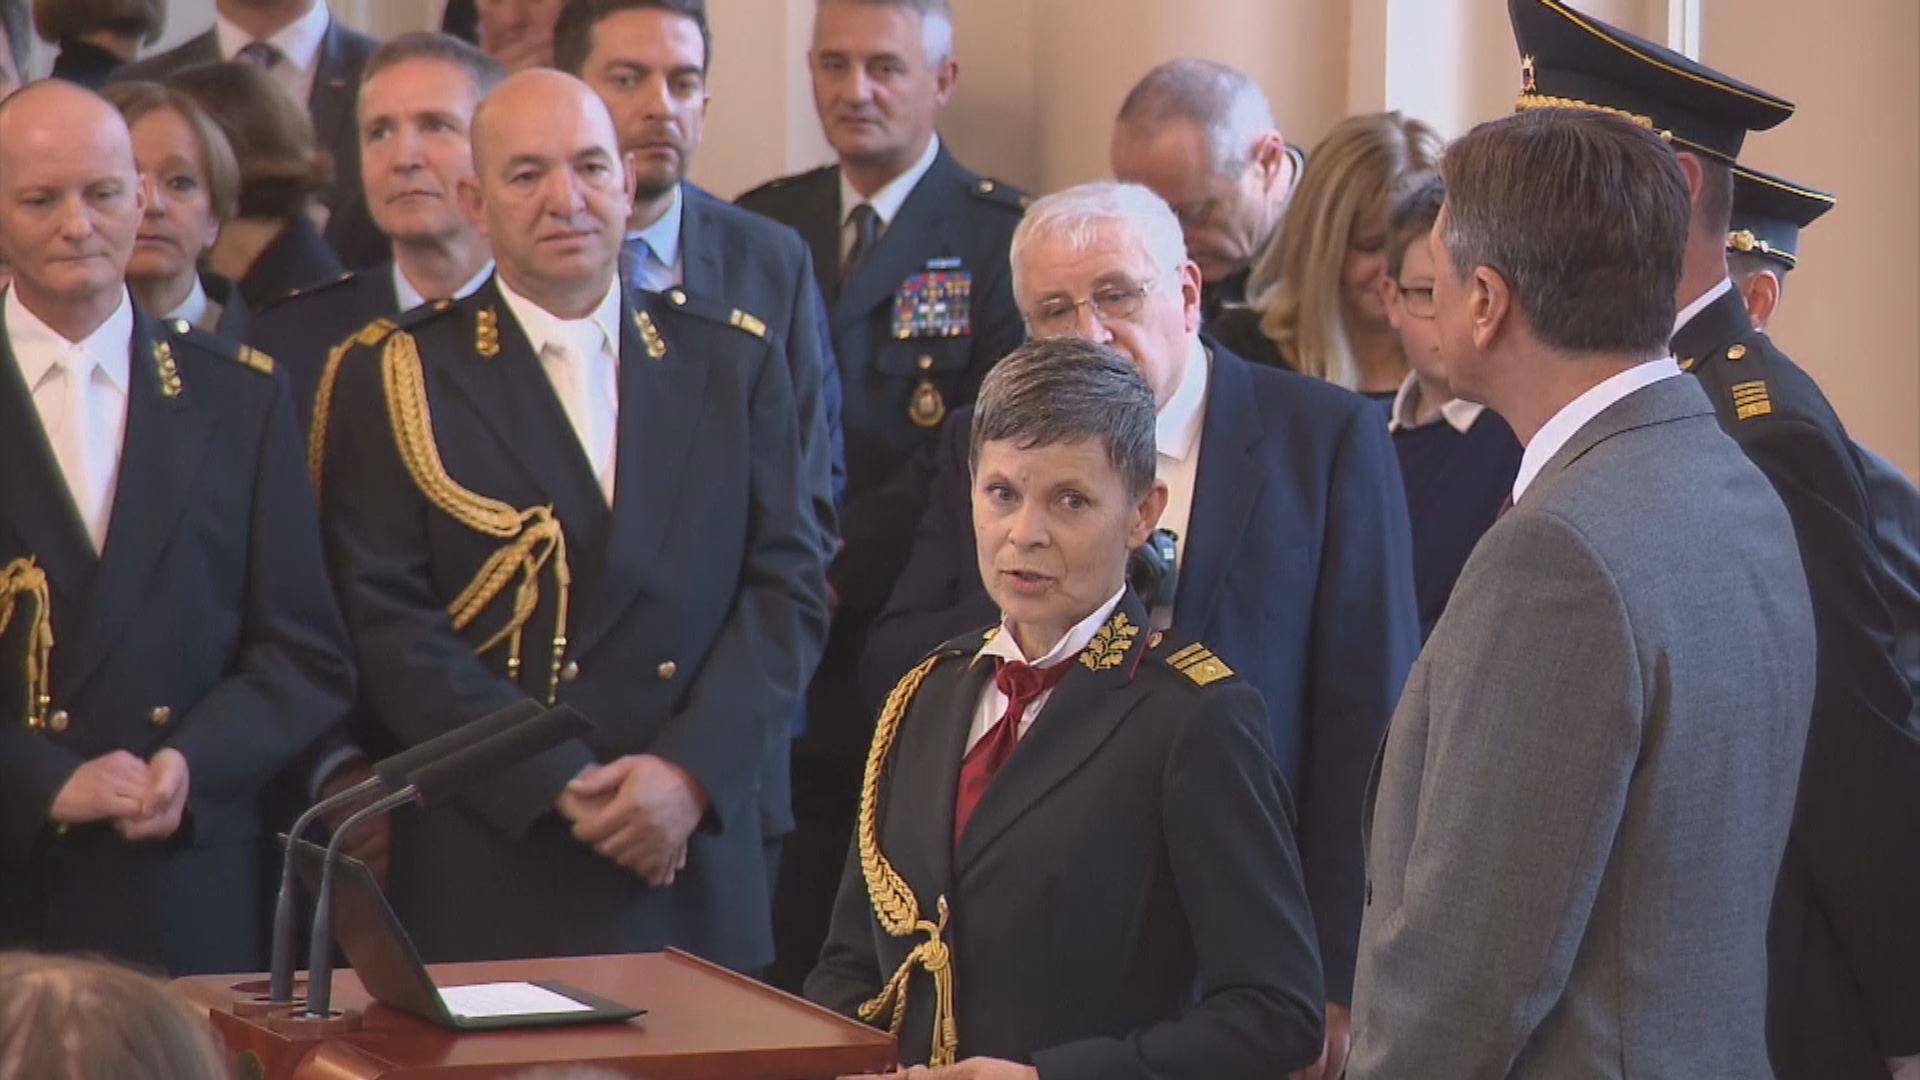 【環球薈報】斯洛文尼亞首名女總參謀長出爐